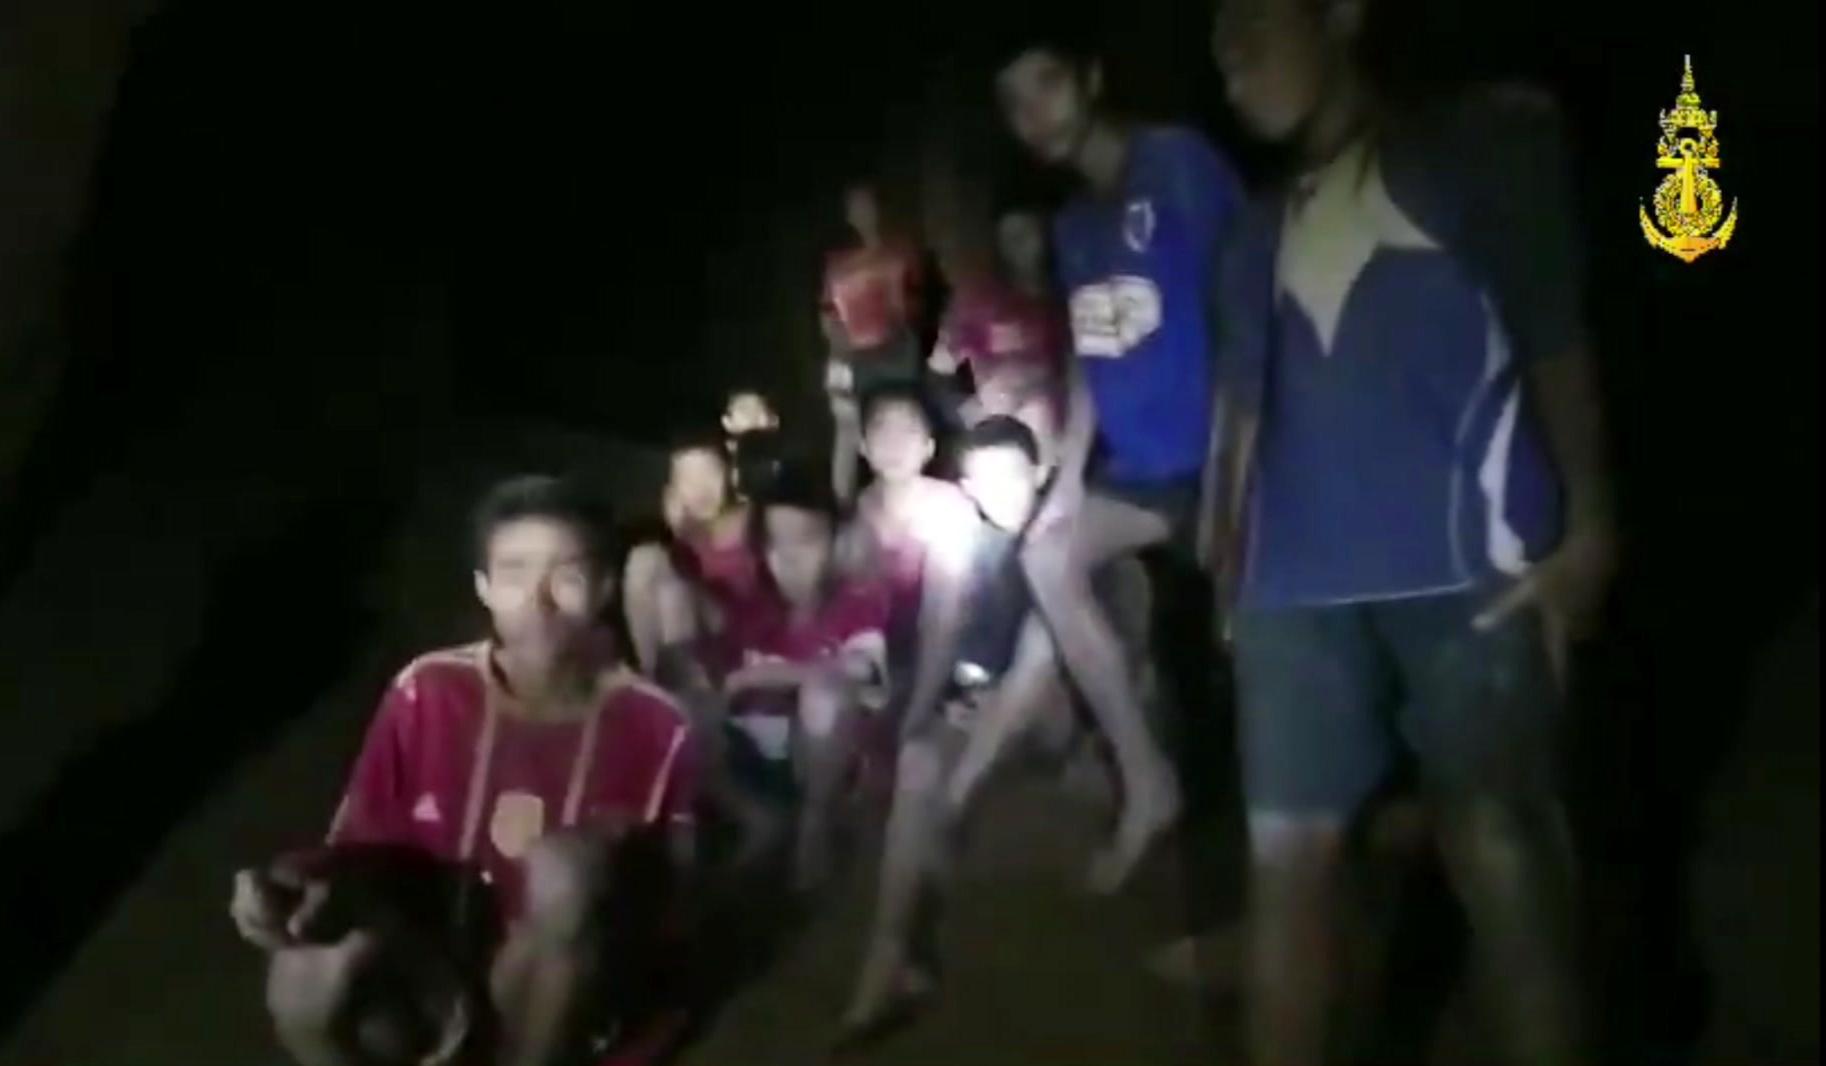 Thailand_Cave_Search_06262-159532.jpg55642901